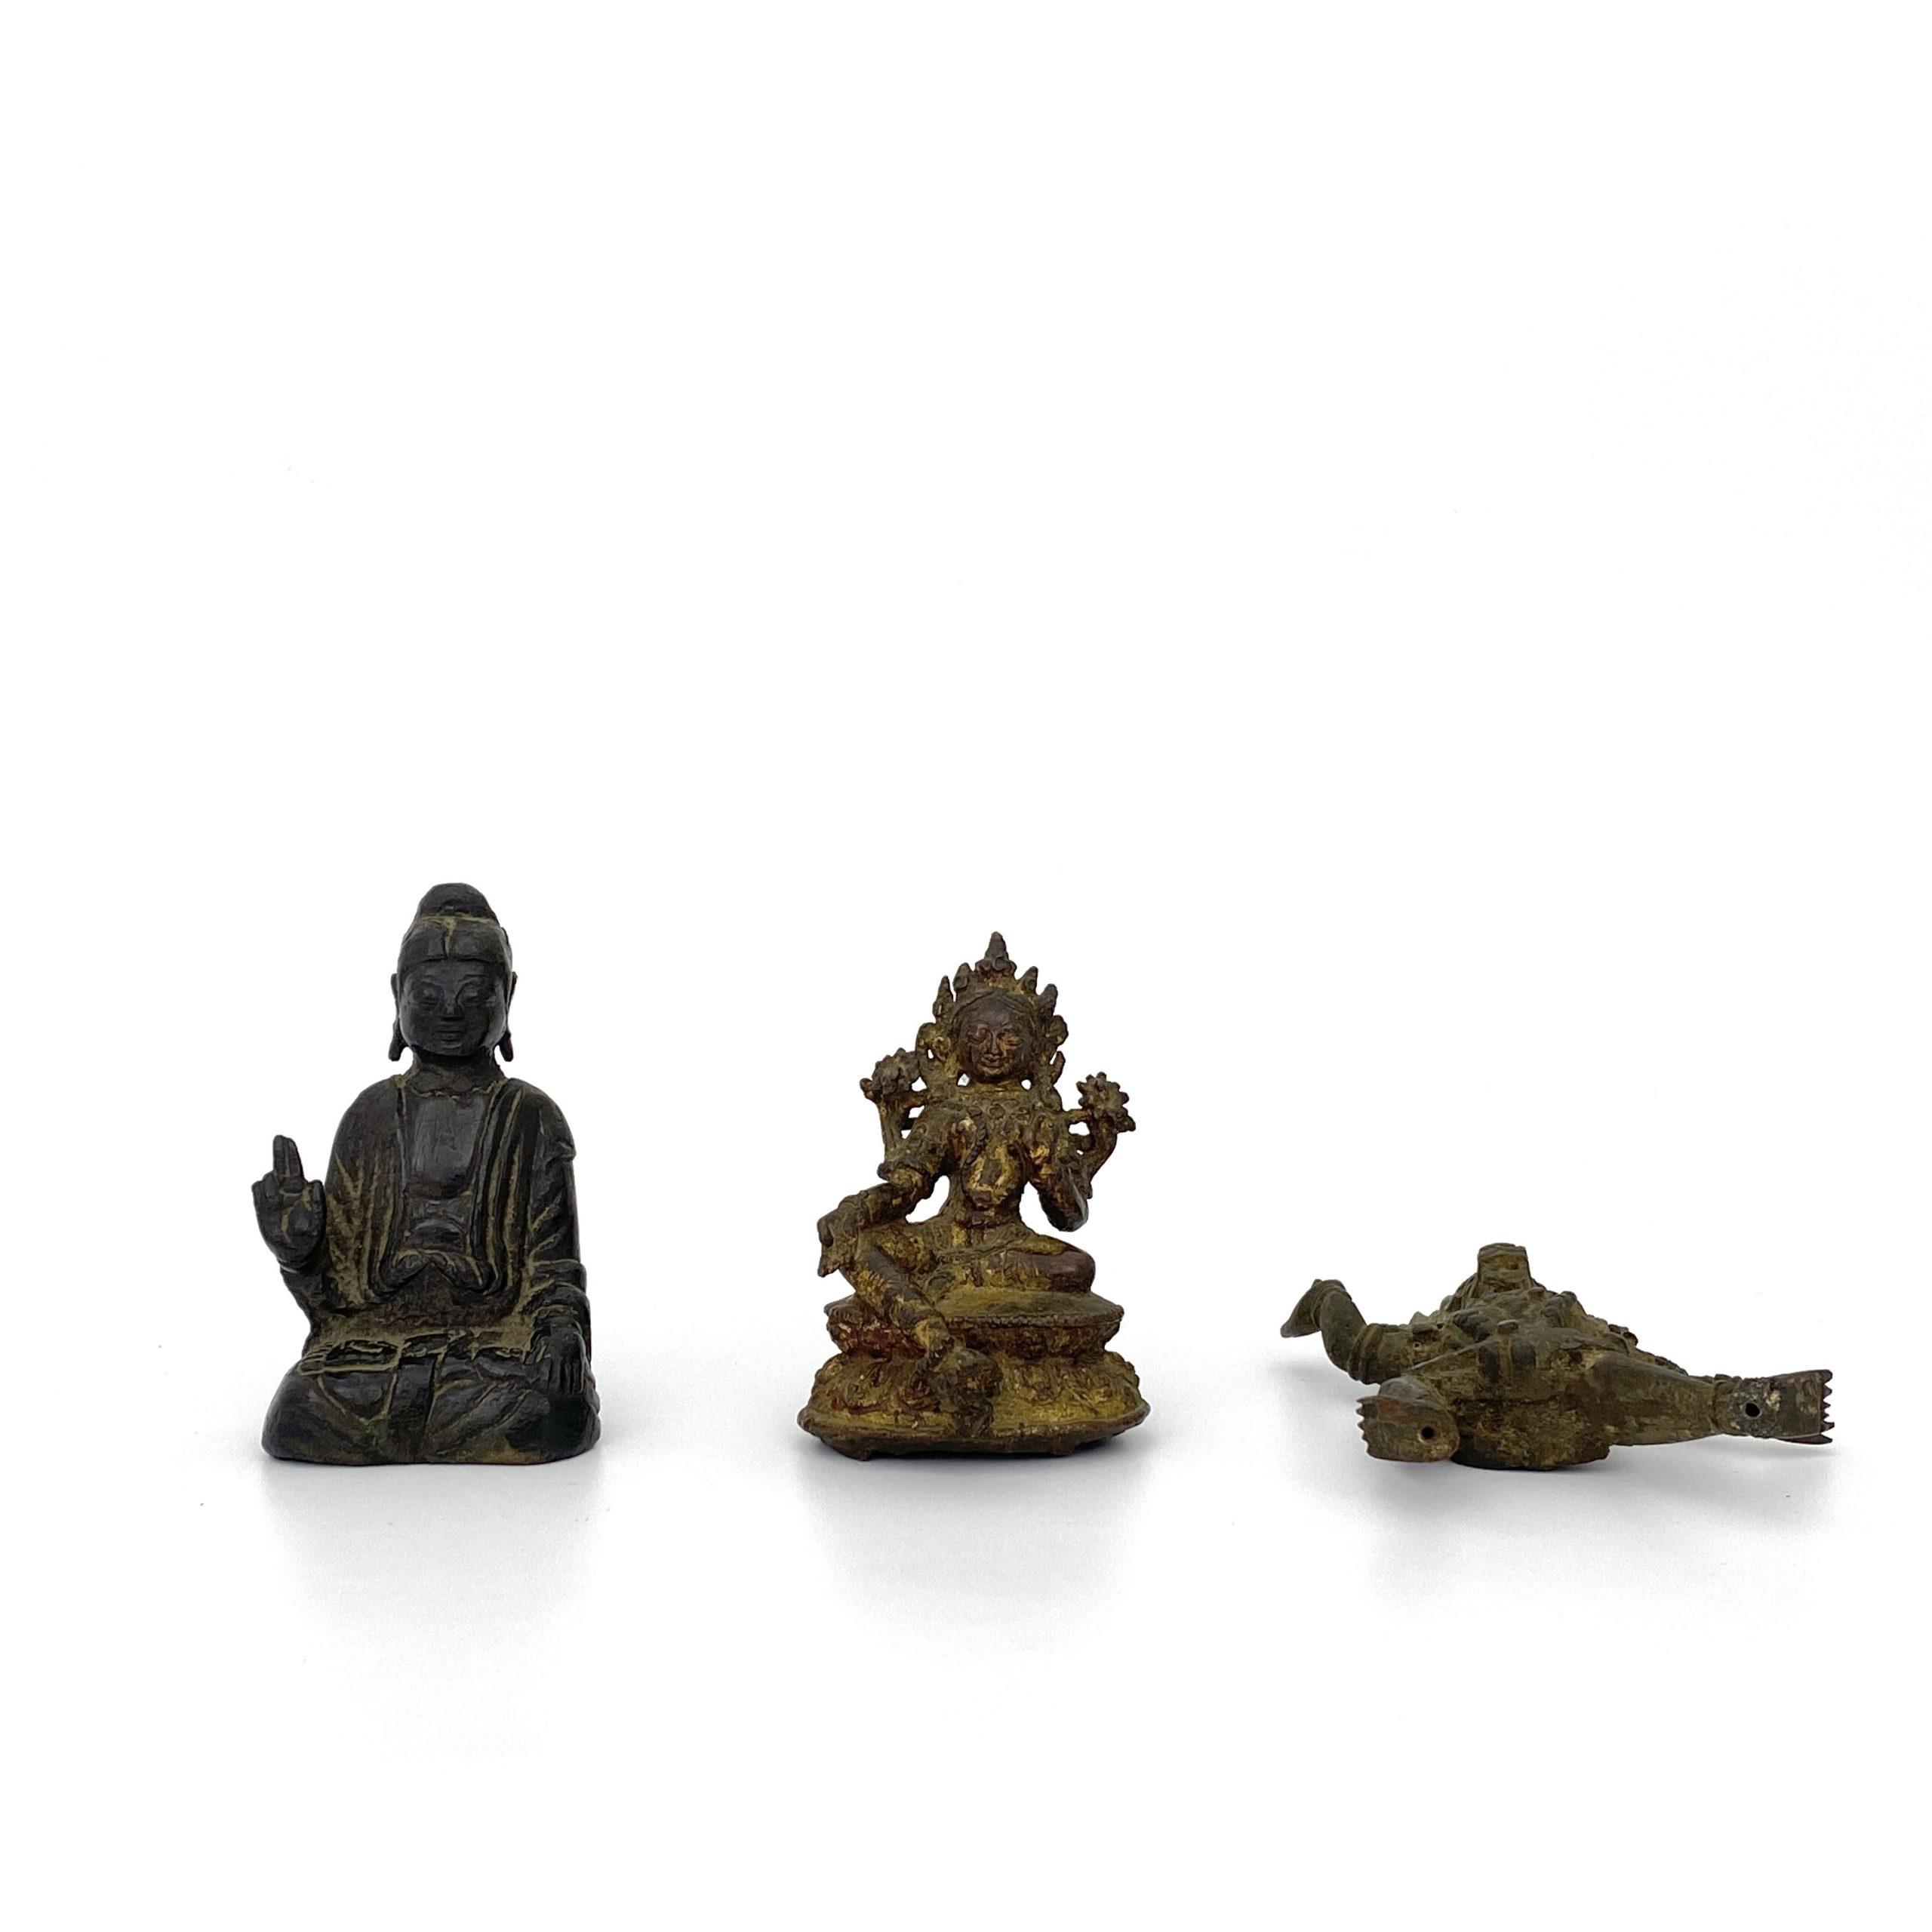 21491遼或以前 銅 菩薩坐像等 計3件